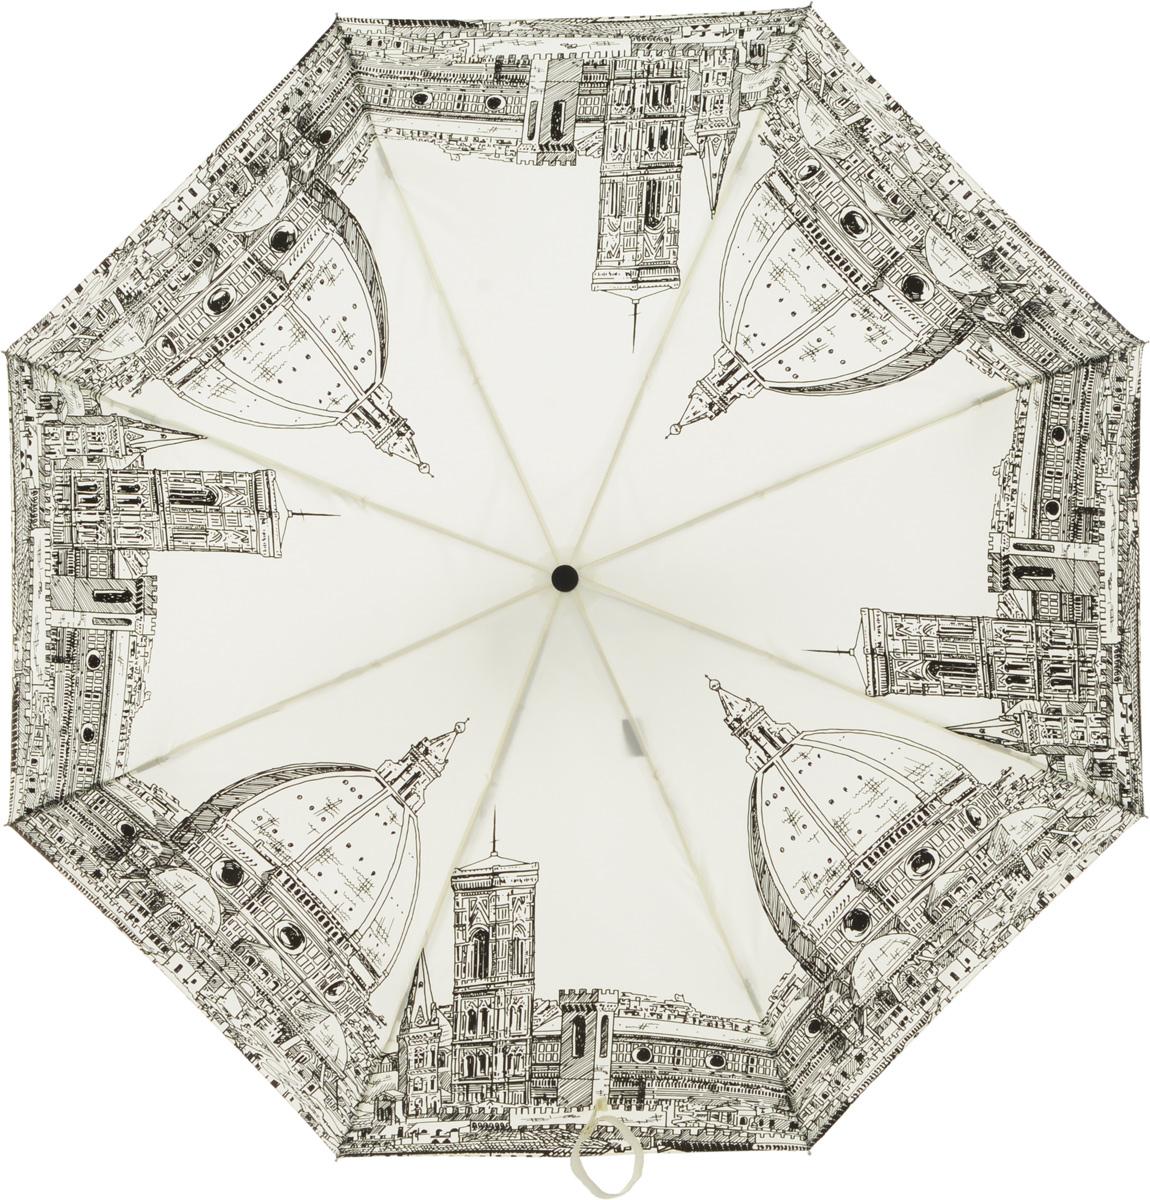 Зонт женский Eleganzza, автомат, 3 сложения, цвет: белый. A3-05-0248A3-05-0248Женский зонт-автомат торговой марки ELEGANZZA. Облегченная модель, вес 315 гр. Купол: 100% полиэстер. Каркас: стержень-сталь, спицы-аллюминий + фибергласс. Диаметр купола - 98 см.